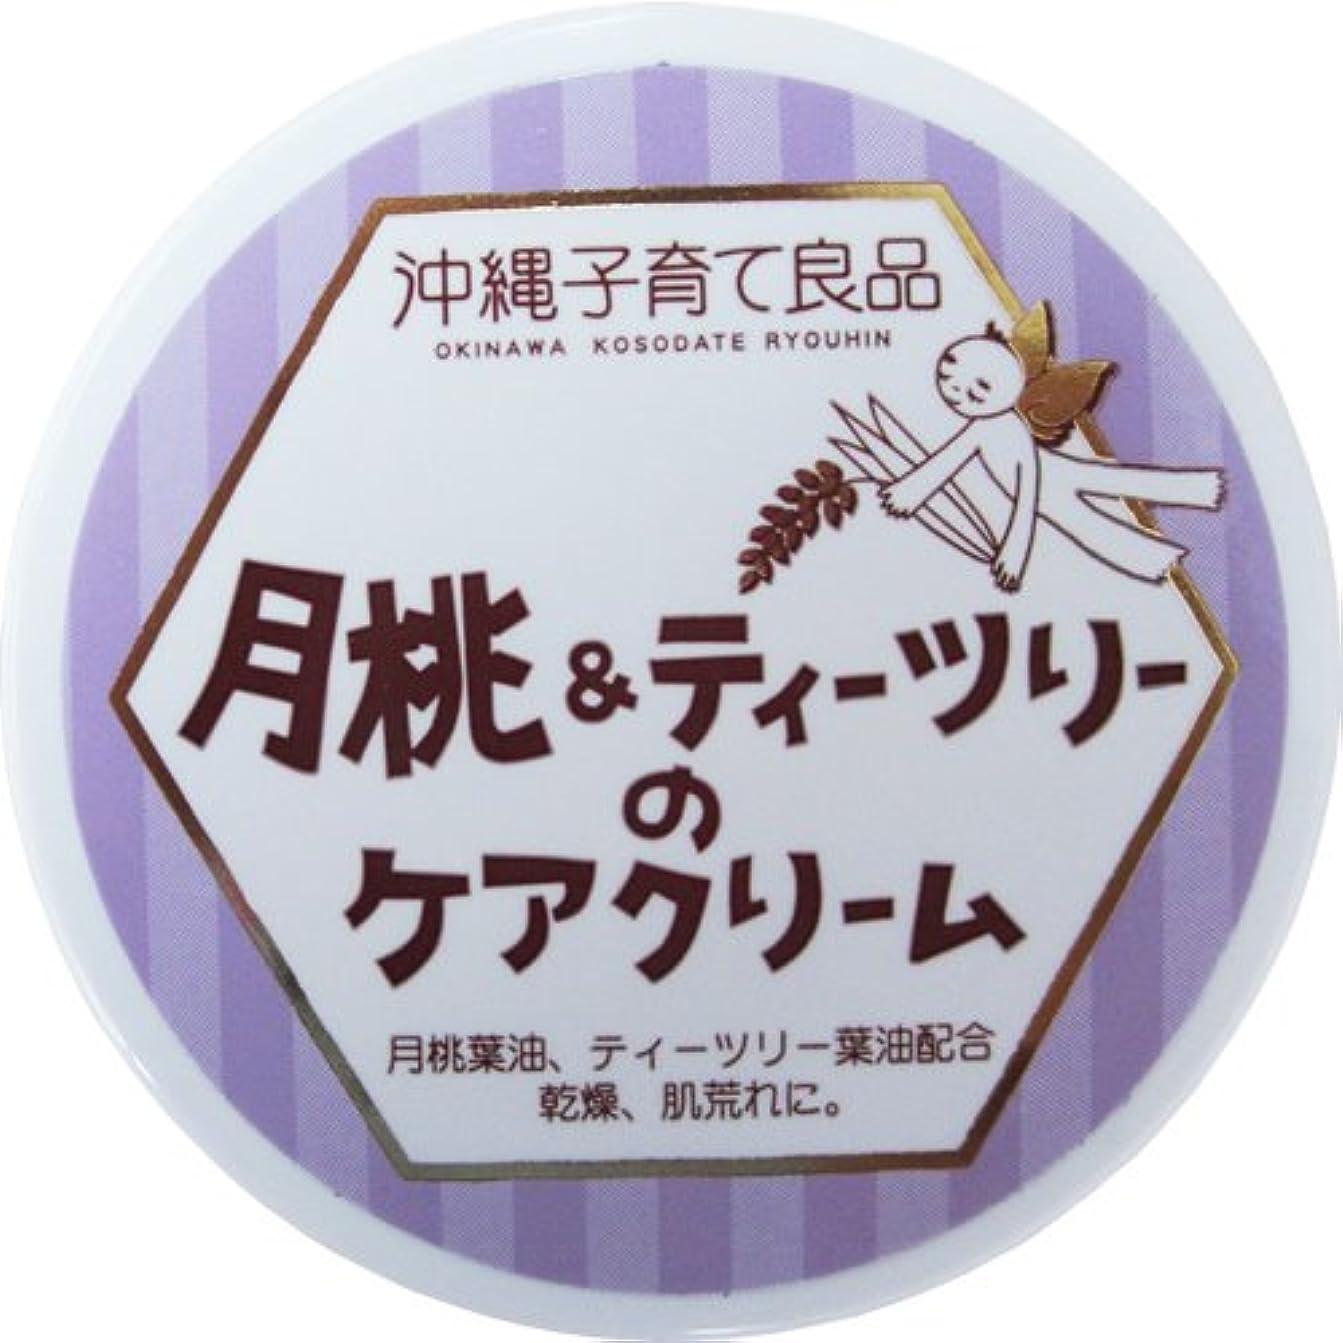 手荷物キャプチャー白い沖縄子育て良品 月桃&ティツリーのケアクリーム (25g)